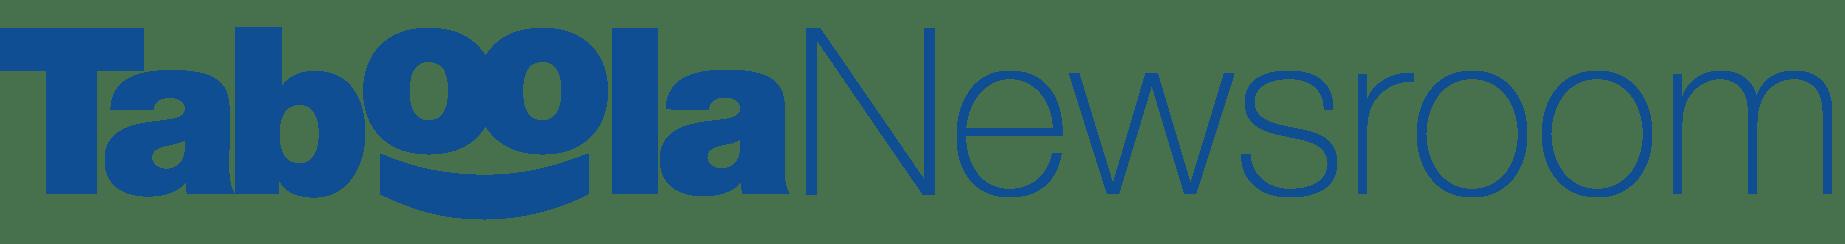 Taboola Newsroom Logo